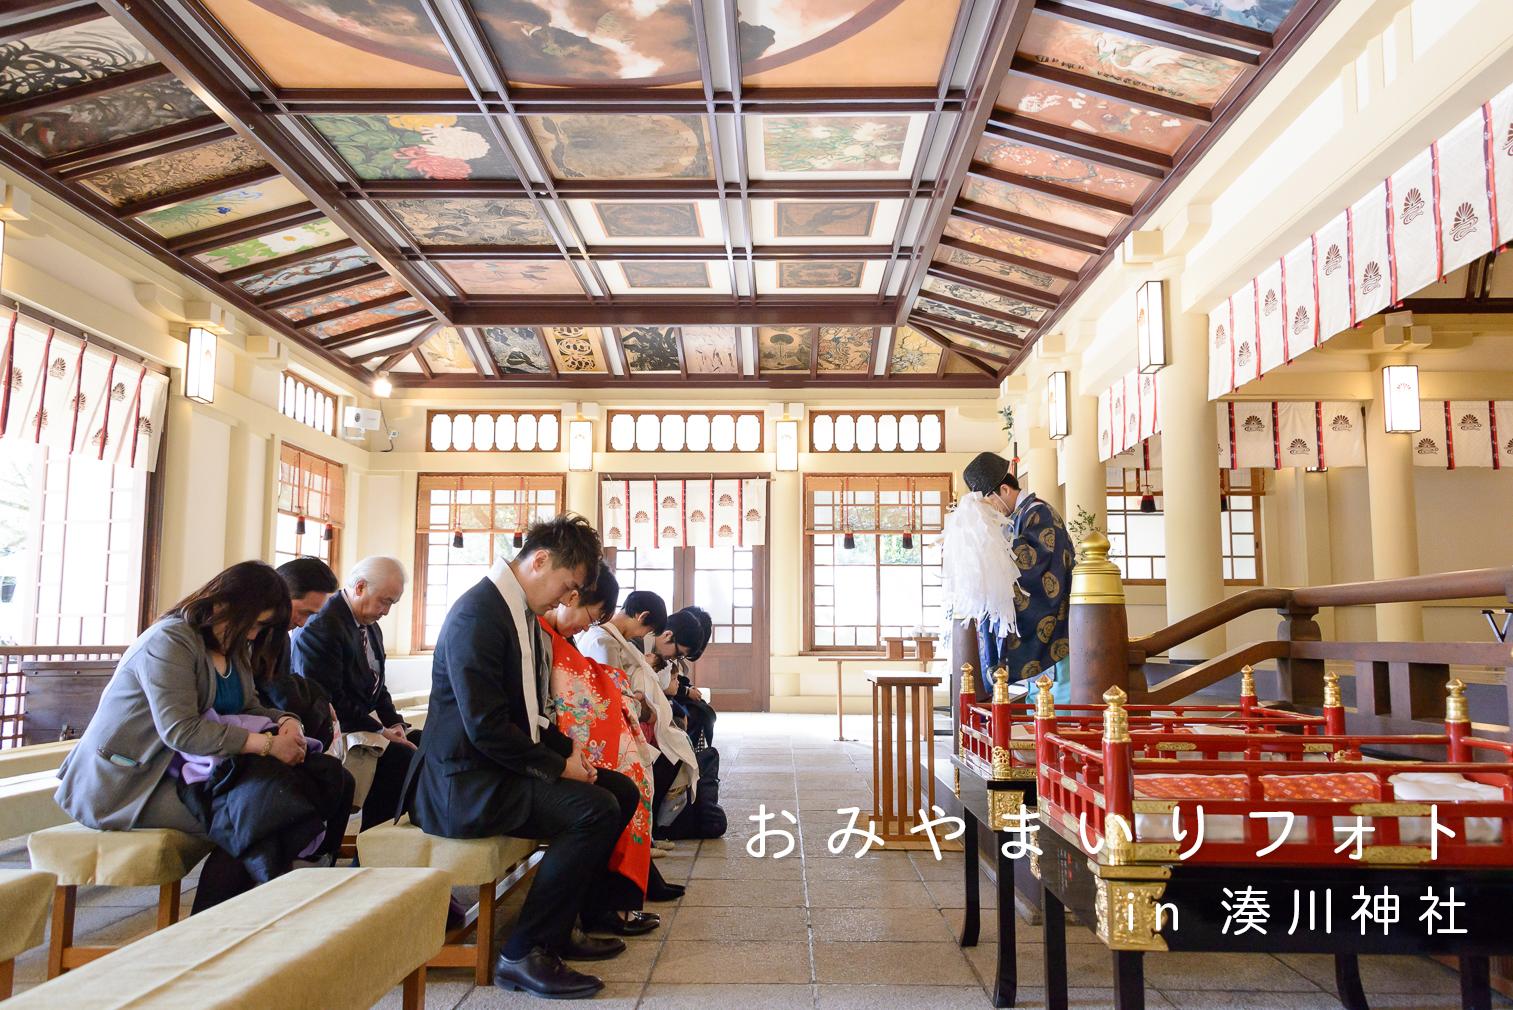 ぜんぶお撮りしますよ!!お宮参りのご祈祷撮影+ロケフォト in湊川神社